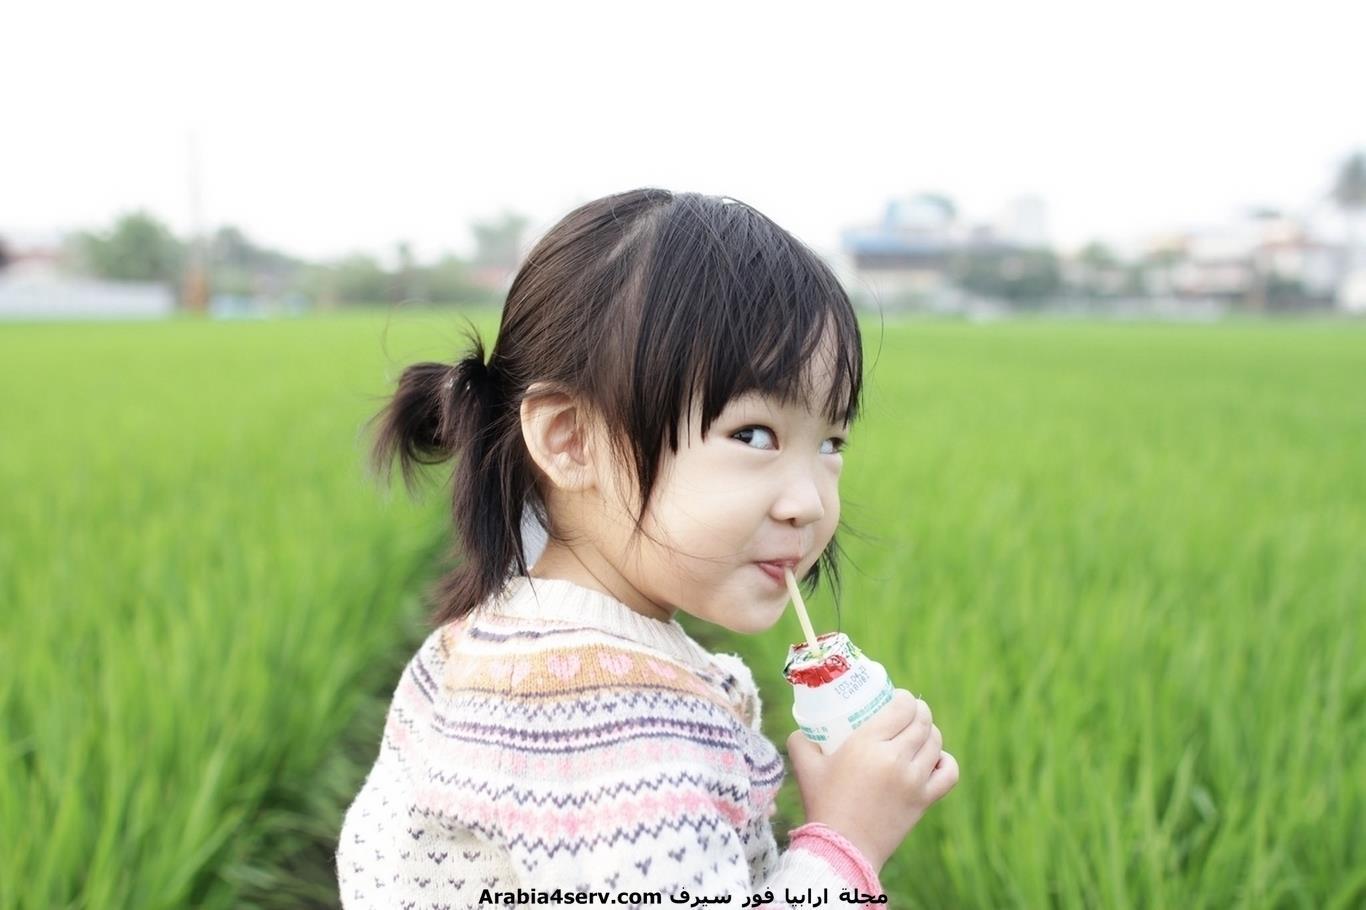 خلفيات-اطفال-الصين-و-كوريا-و-اليابان-1